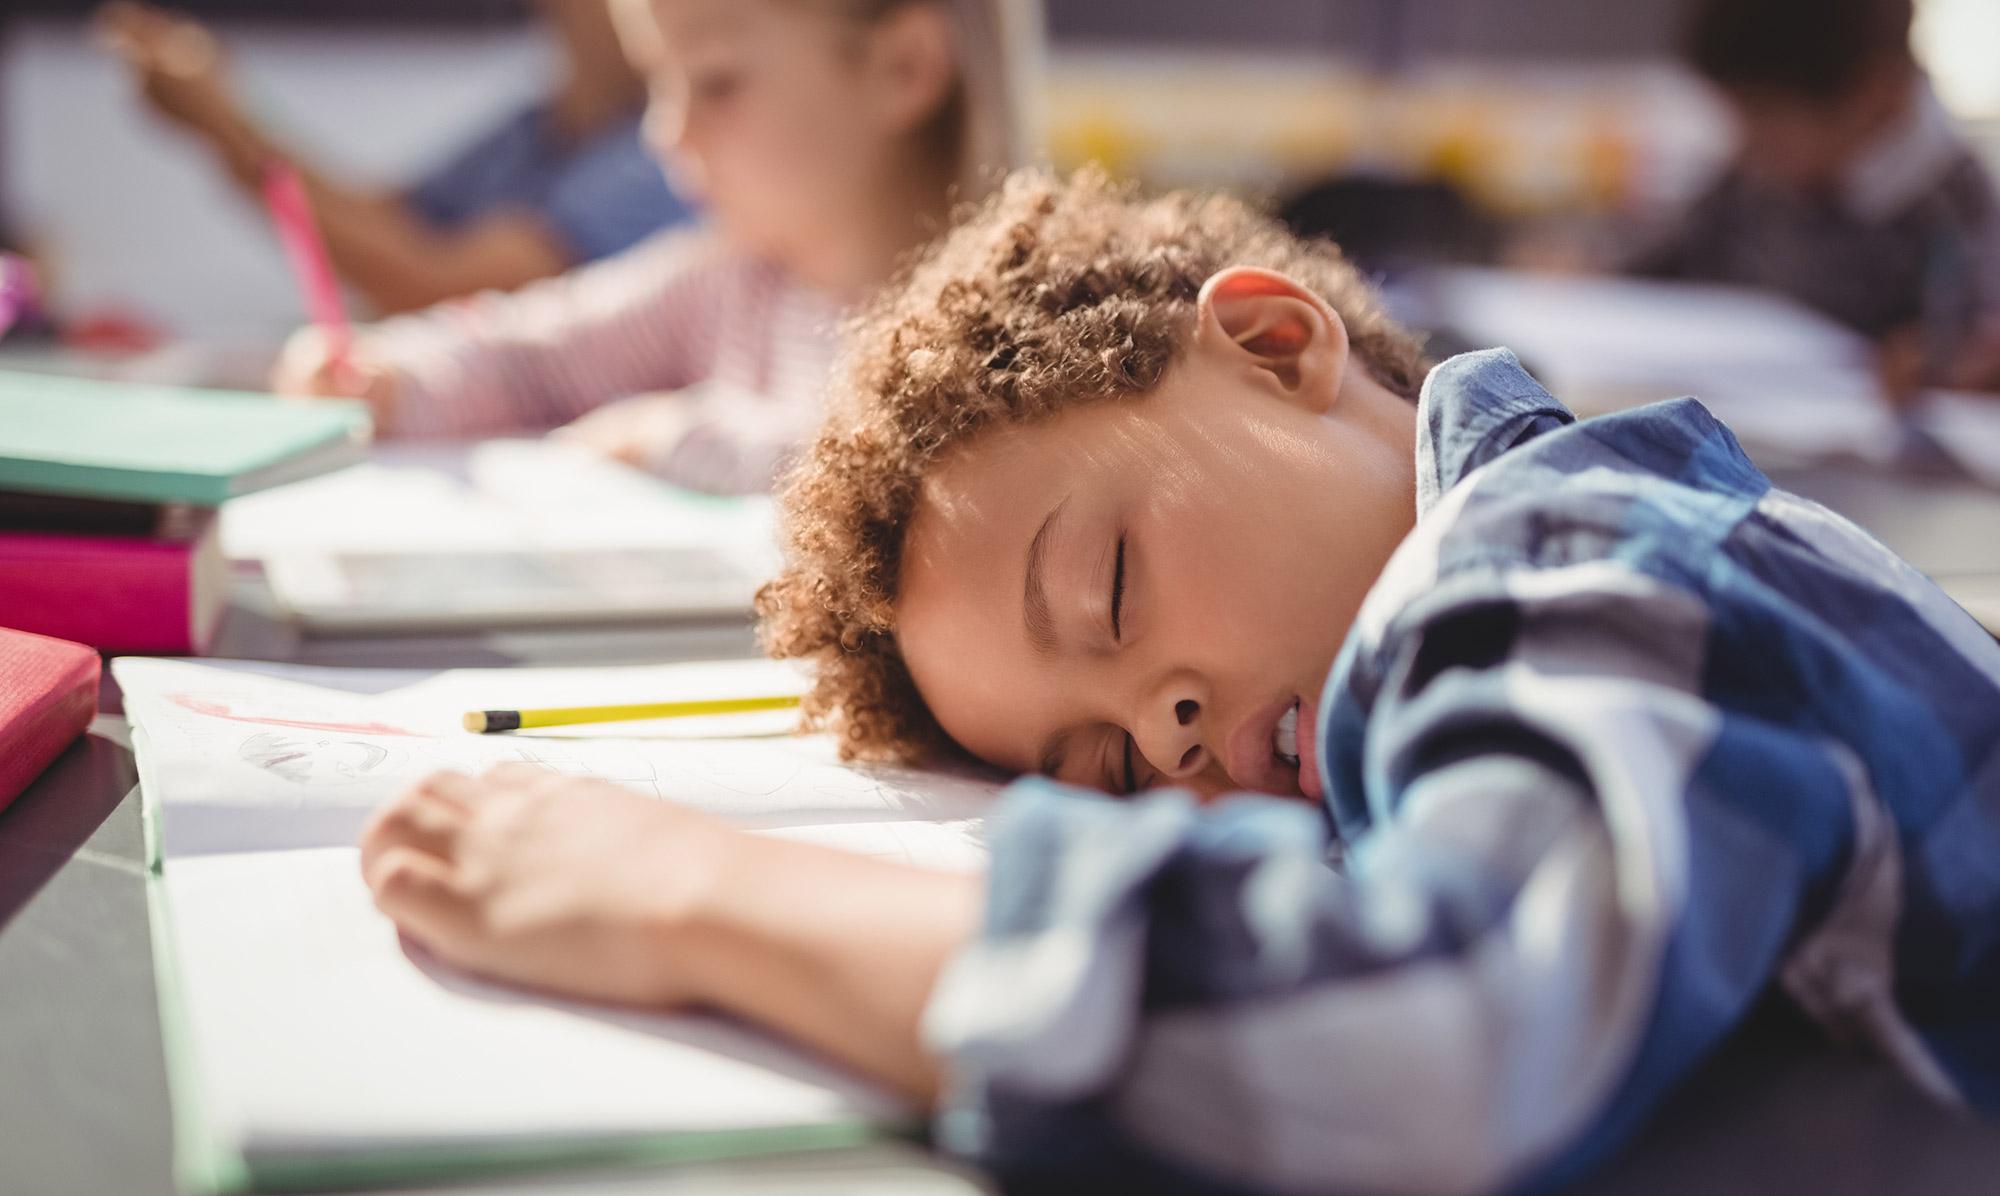 Child Asleep Head On Desk